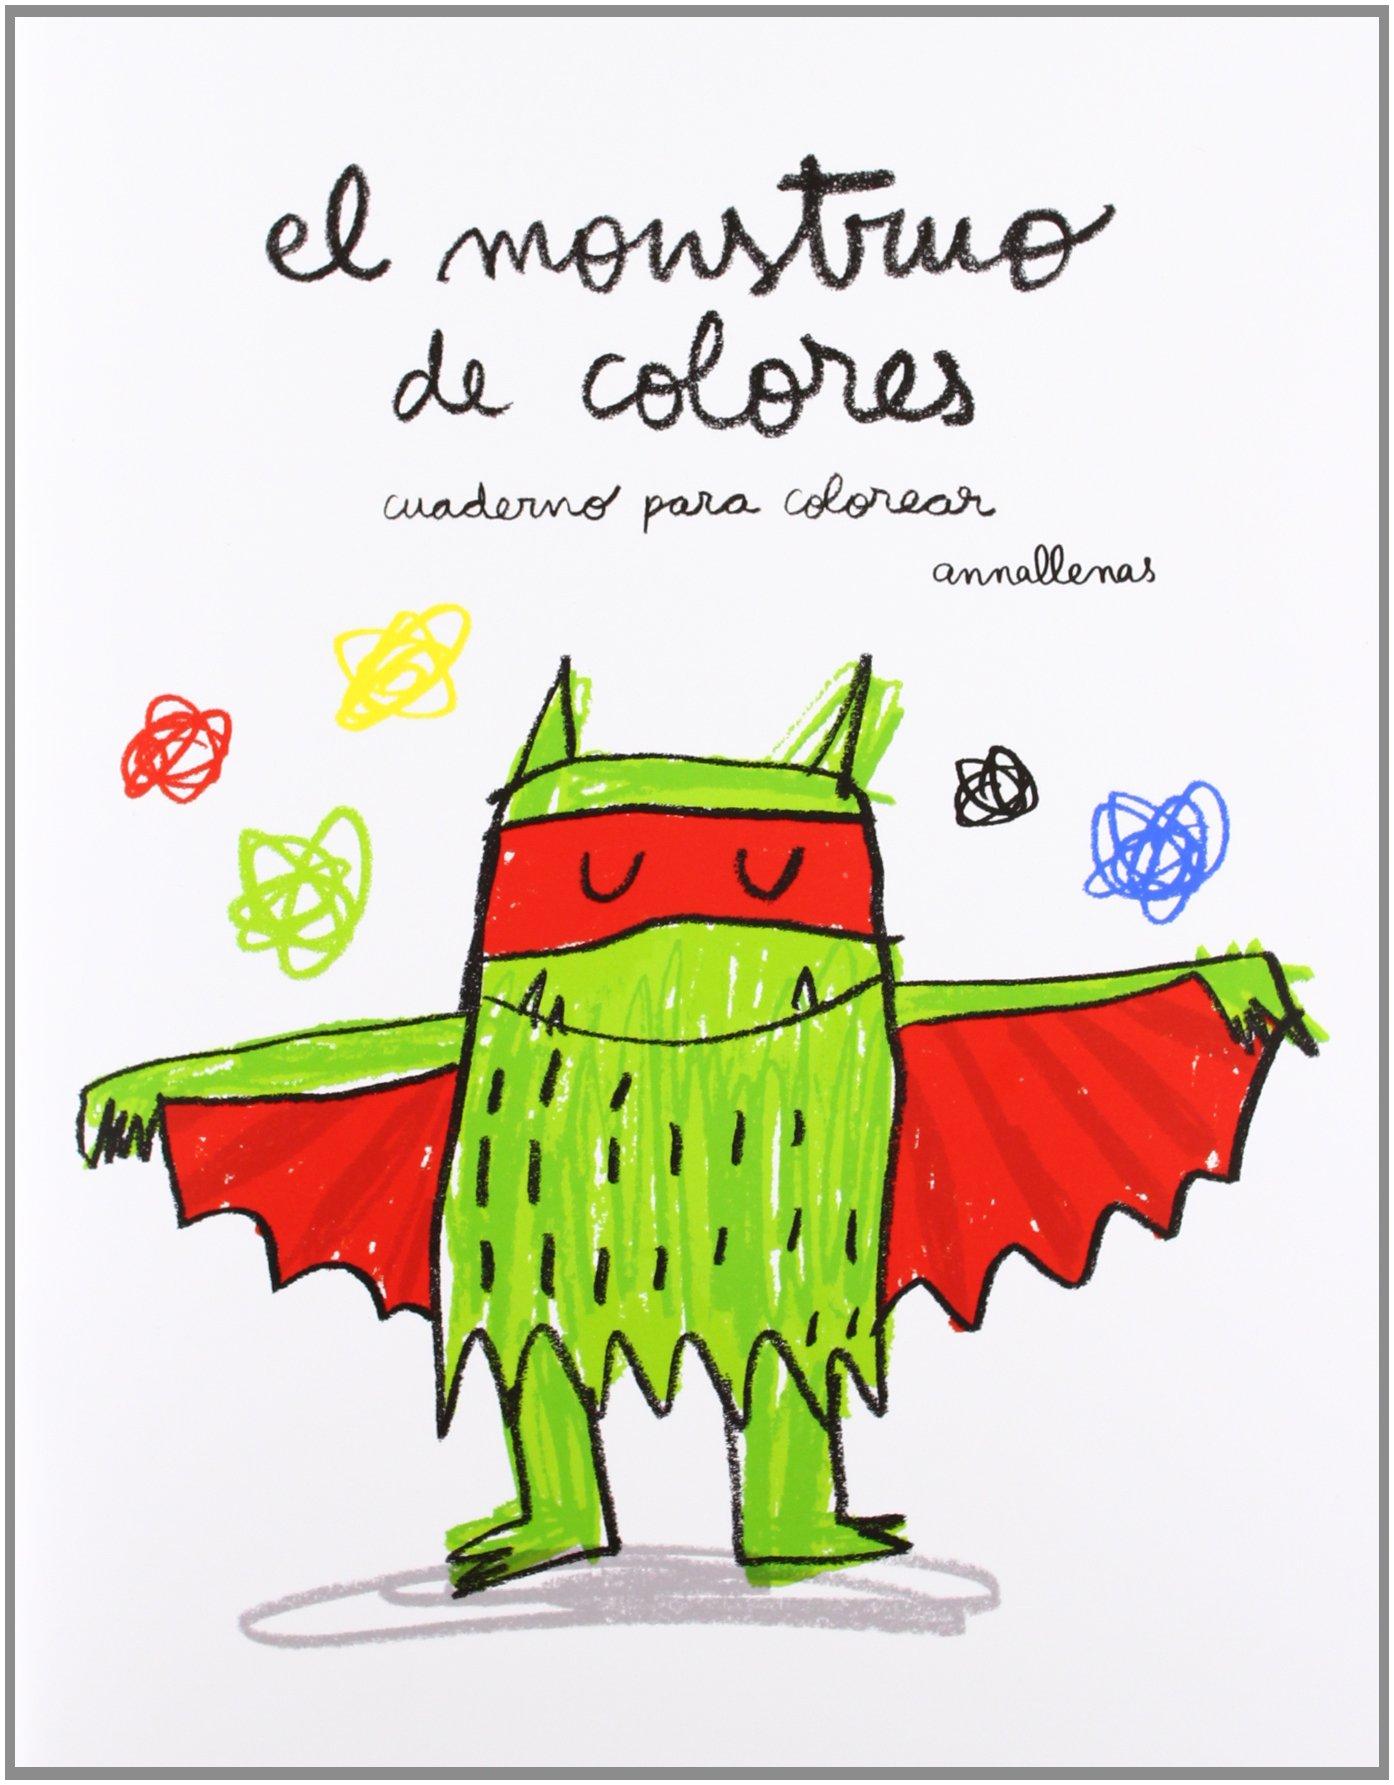 El monstruo de colores. Cuaderno para colorear Cuentos flamboyant ...